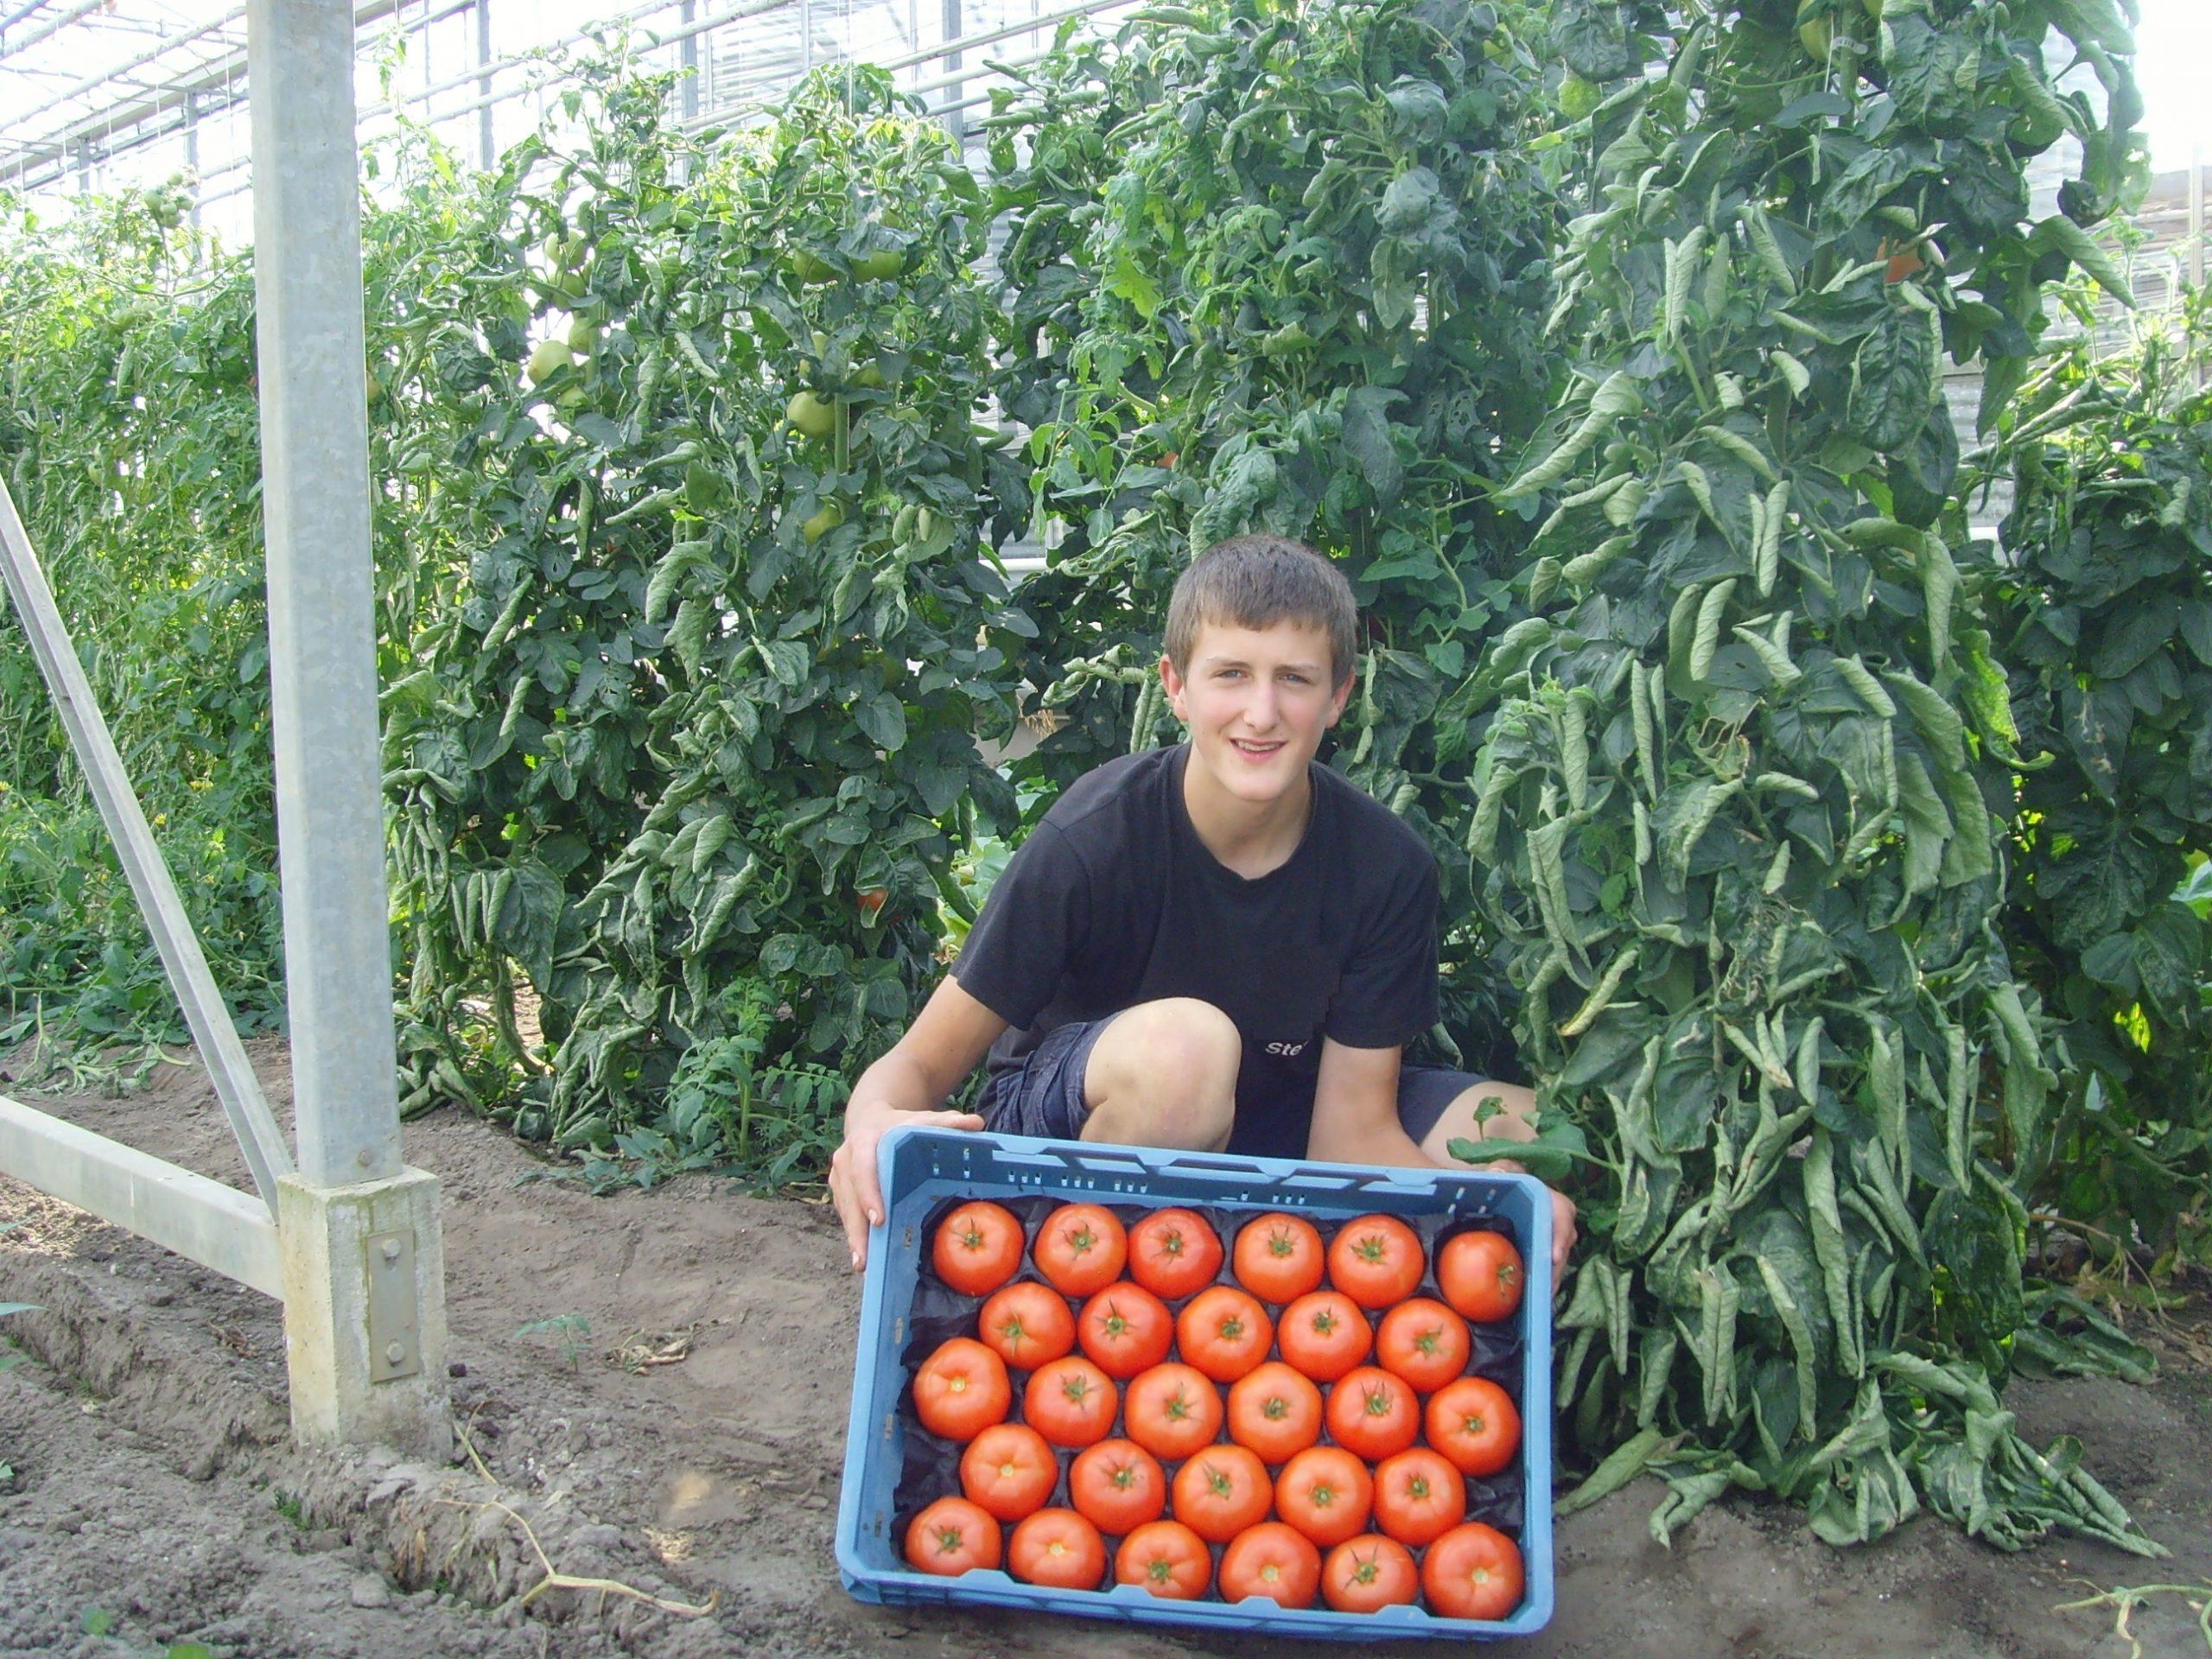 Stef met bak tomaten - Tuinbouwbedrijf Dillen